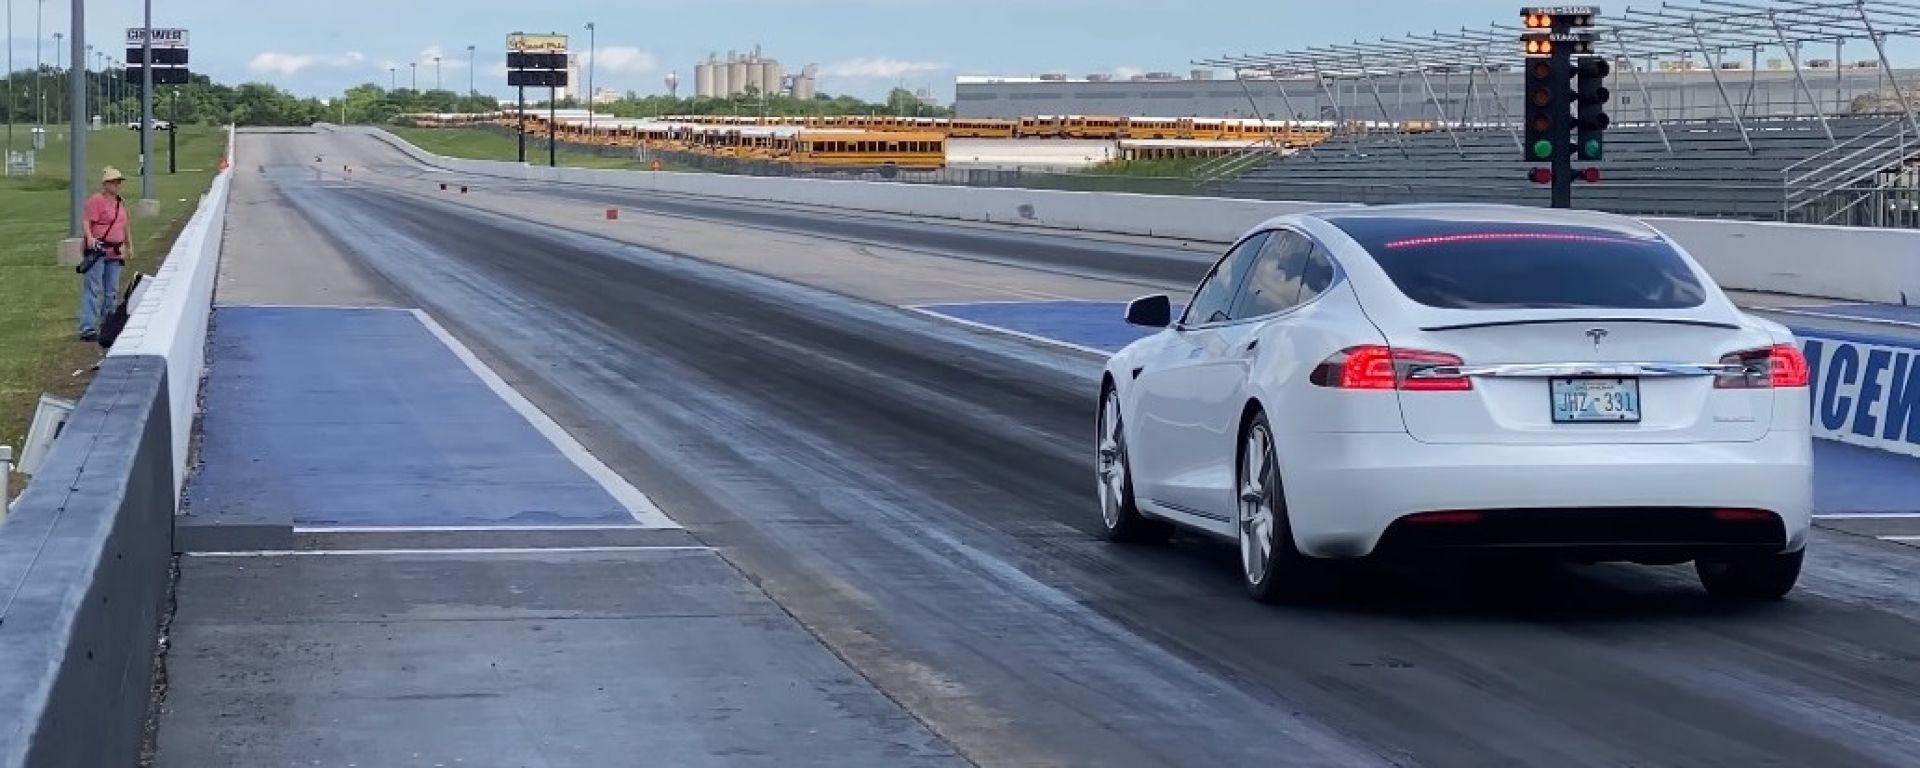 La Tesla Model S P100D che ha stabilito il tempo di 10,452 secondi sul 1/4 di miglio